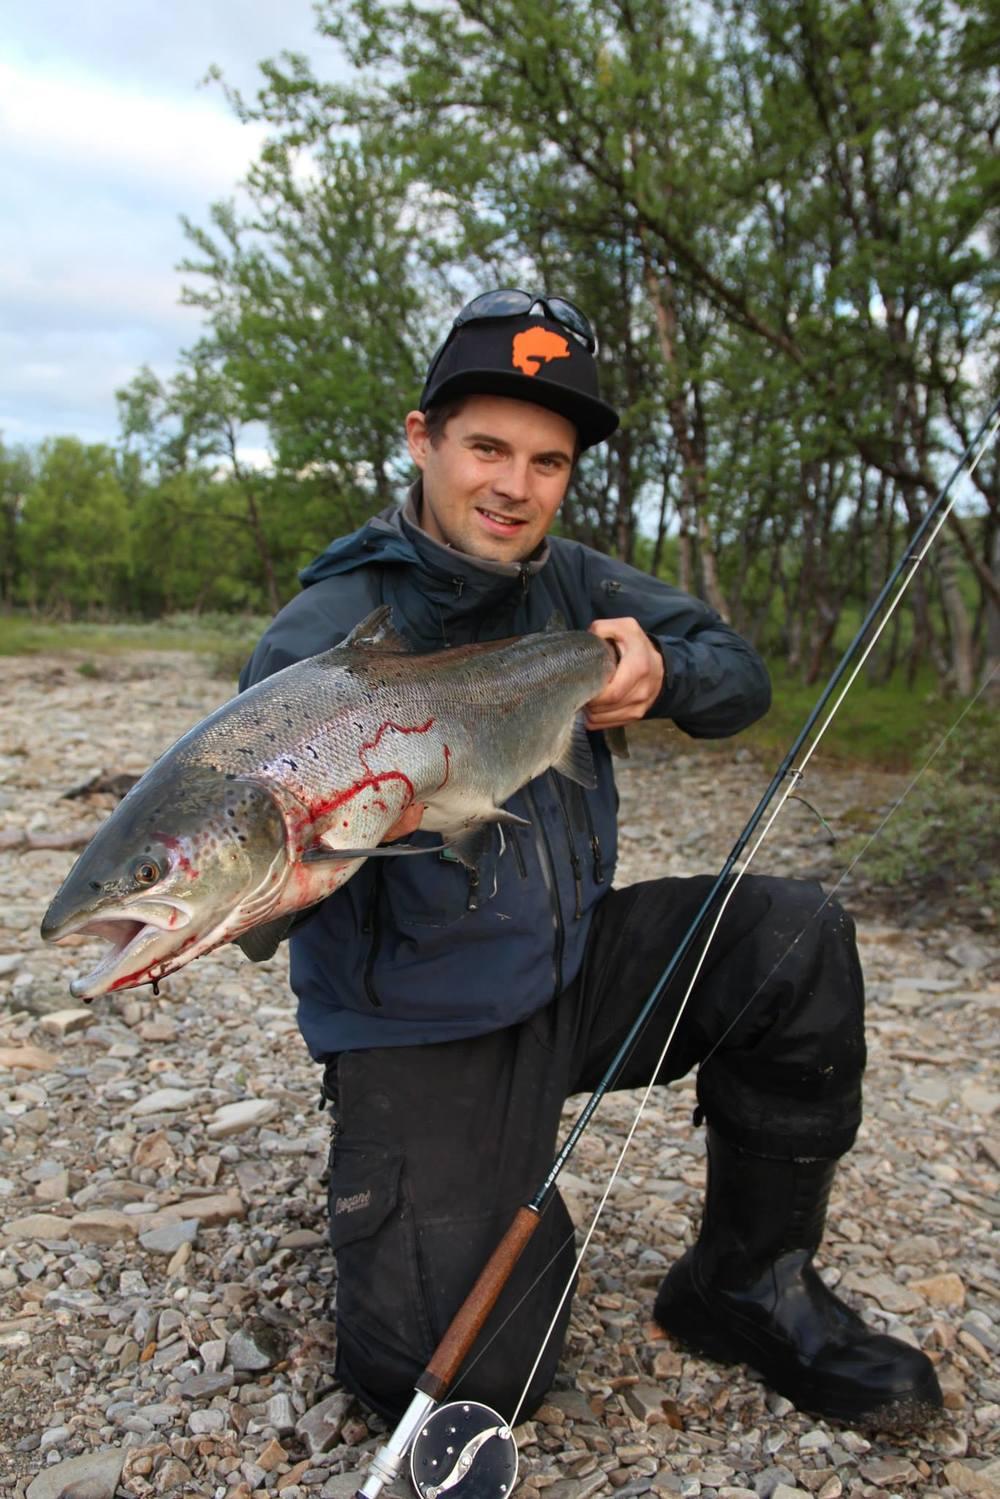 En stolt laksefisker en helt vanlig sommerdag.